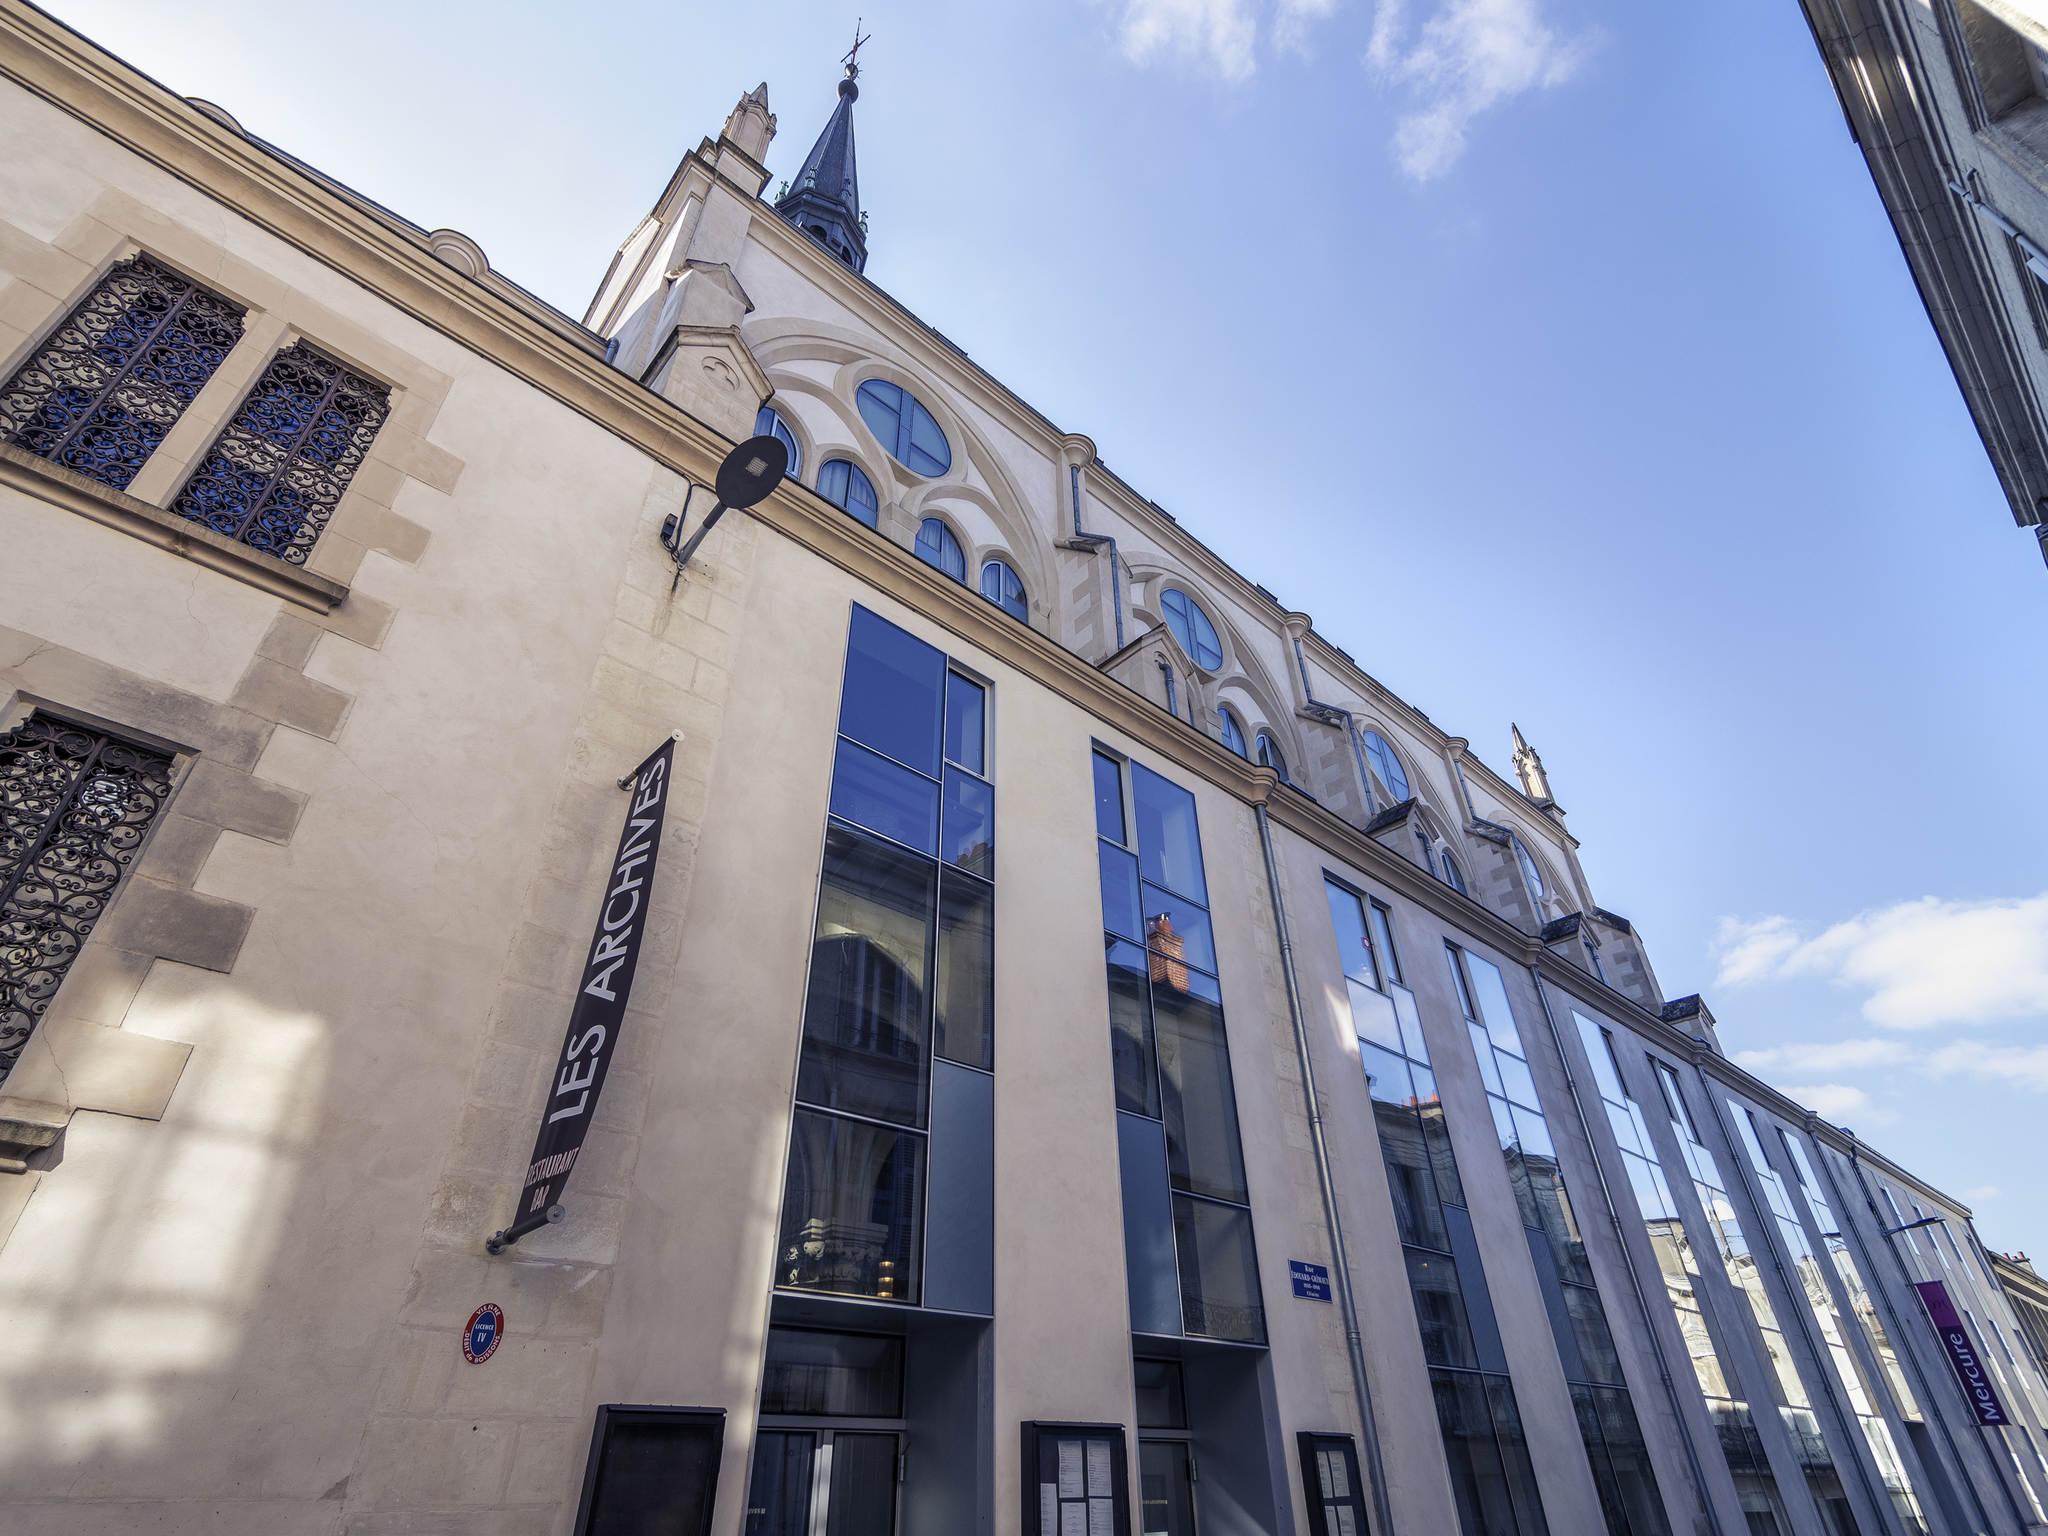 Otel – Hôtel Mercure Poitiers Centre